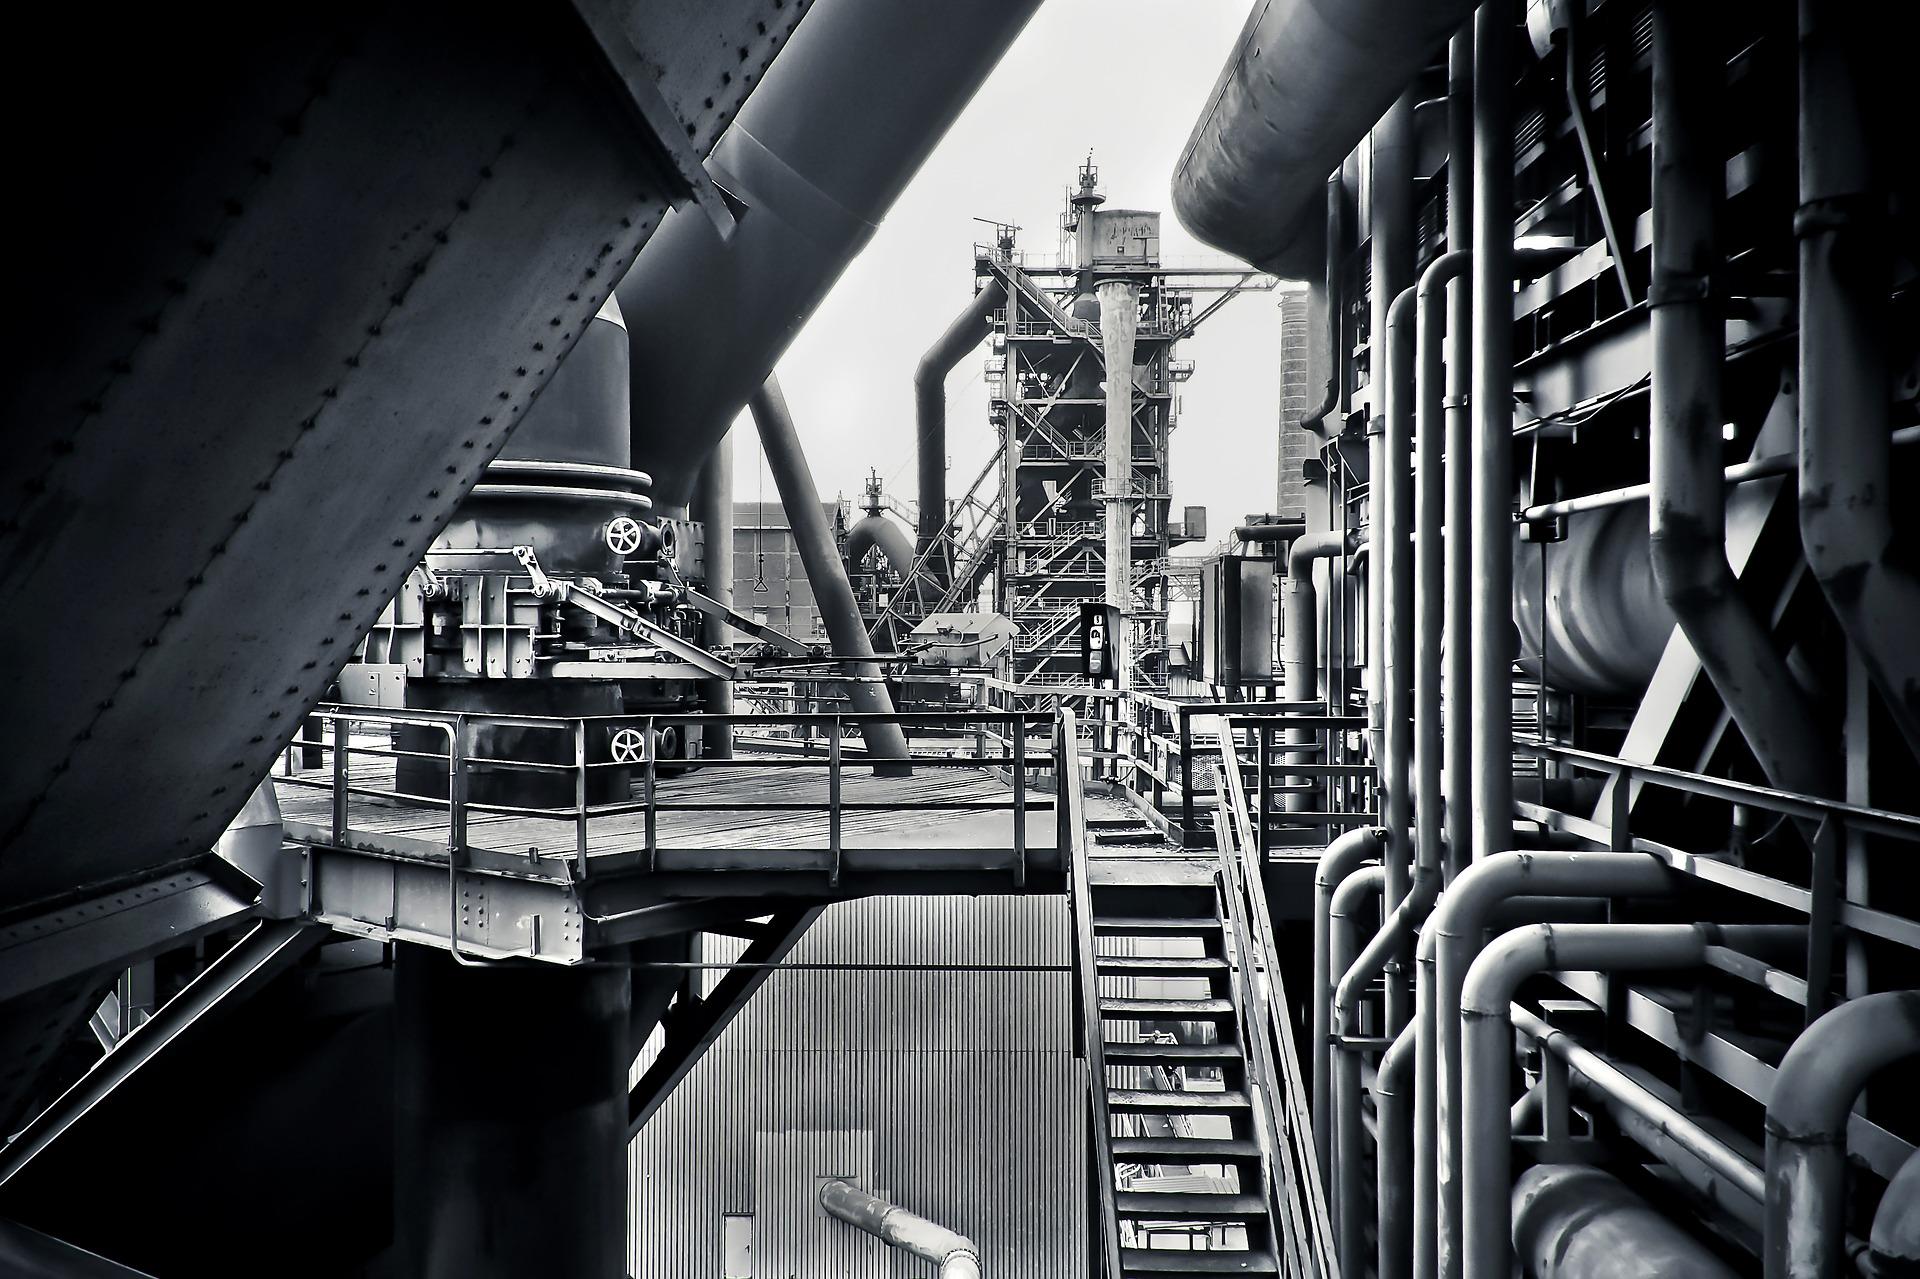 Abilitazioni piene e/o limitate per l'installazione di impianti tecnologici.